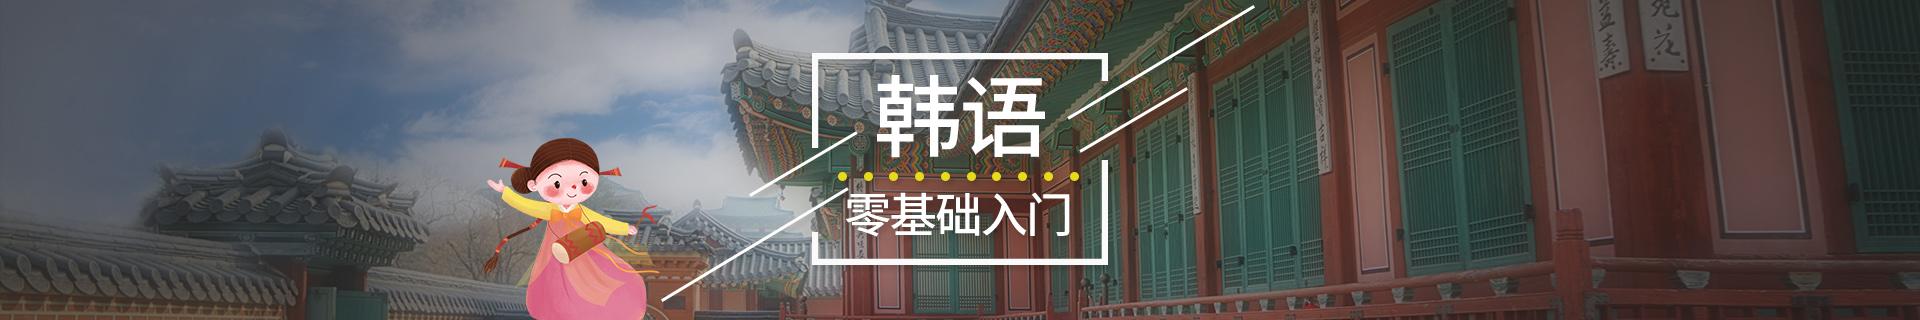 宁波鄞州区欧风小语种培训